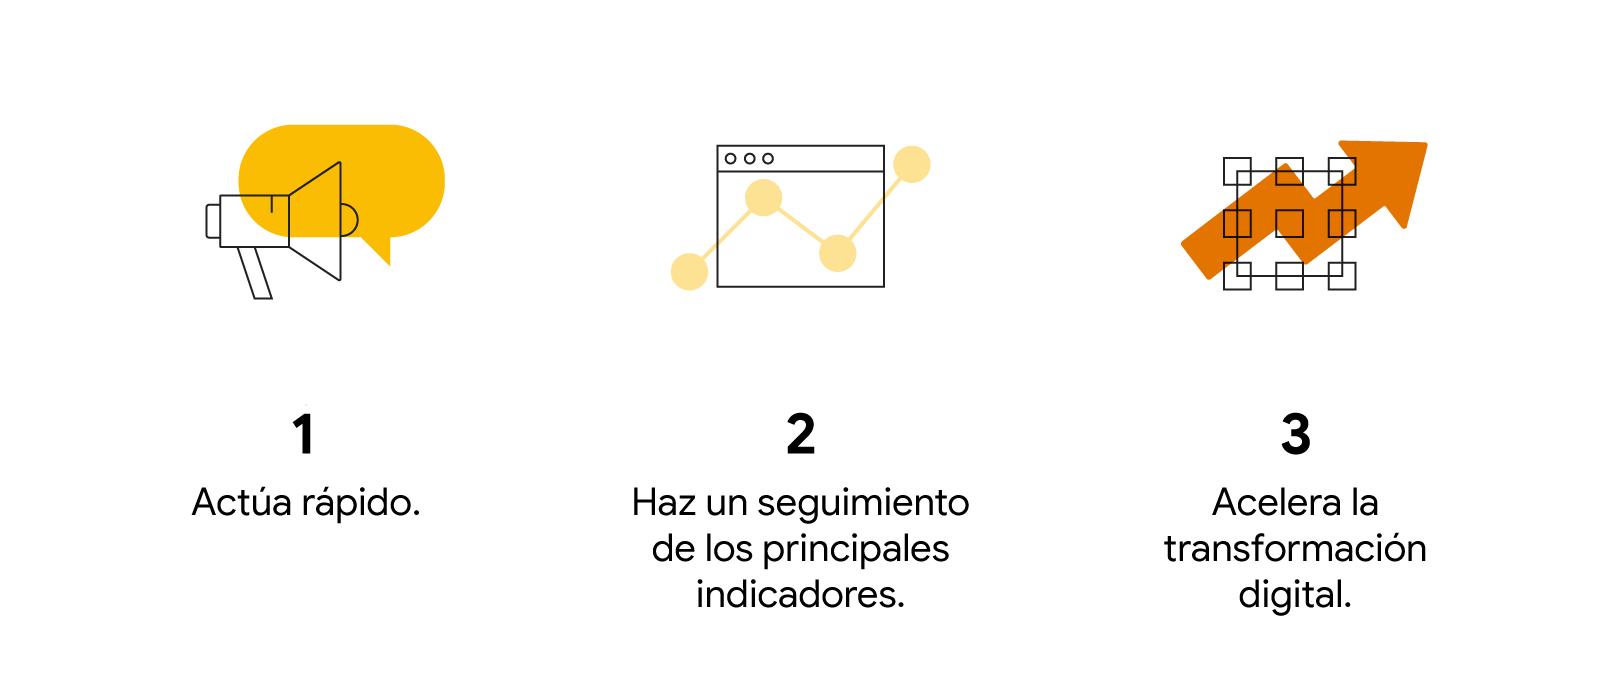 Megáfono y bocadillo: 1. Actúa rápido. Ventana de un navegador con puntos superpuestos en un gráfico de líneas: 2. Haz un seguimiento de los principales indicadores. Chip de ordenador con una flecha de crecimiento superpuesta: 3. Acelera la transformación